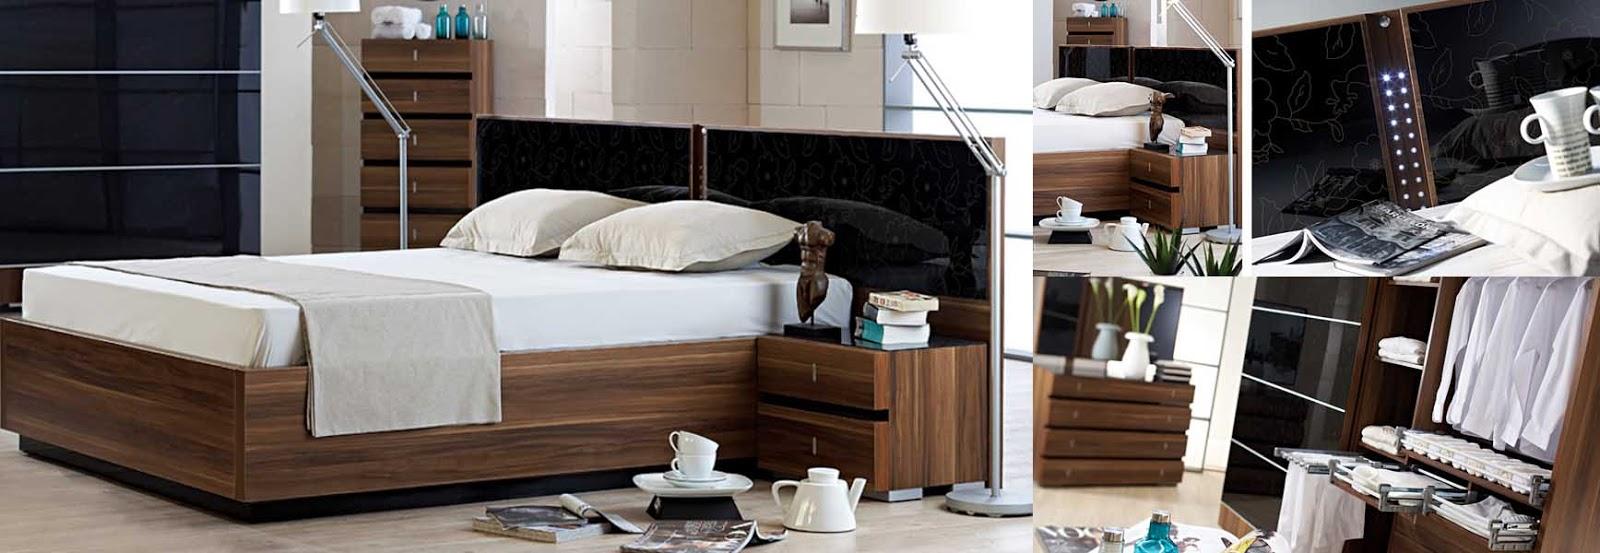 Doğtaş Mobilya Yatak Odası takımı fiyatları